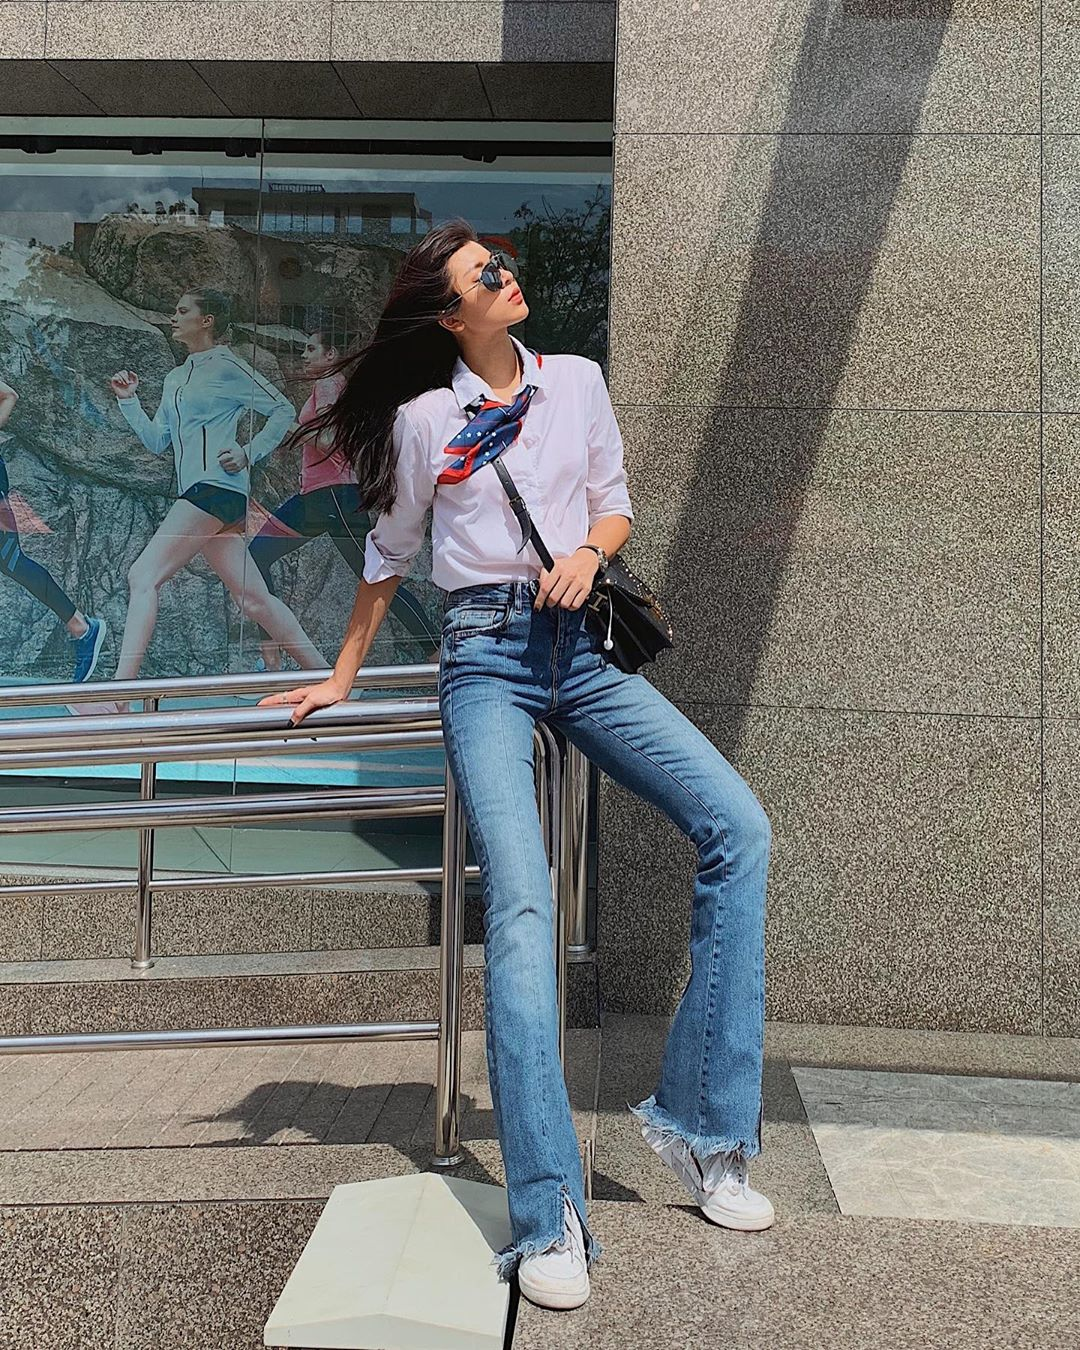 xu hướng thời trang 2019 - đồng ánh quỳnh